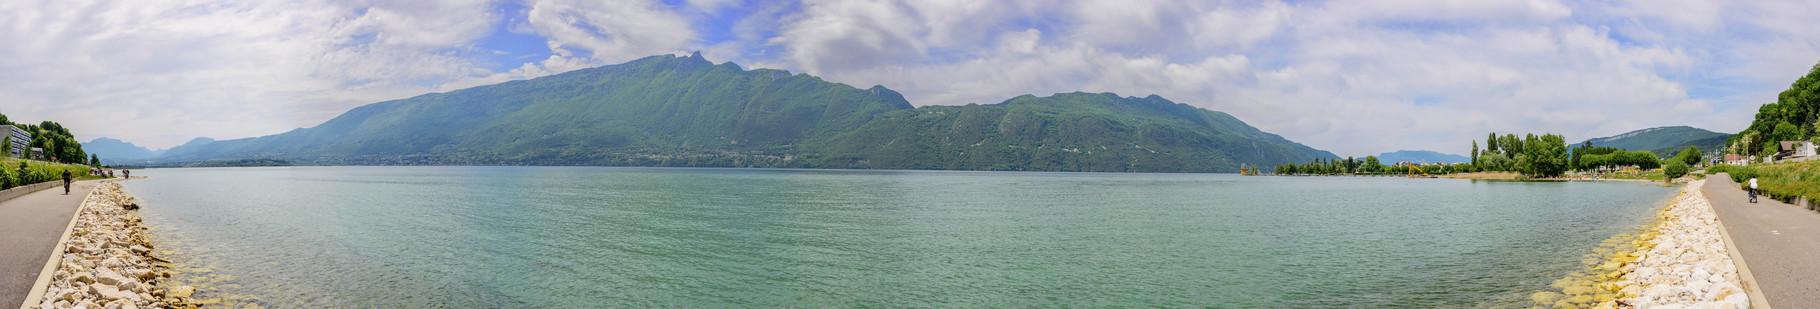 Lac du Bourget depuis Aix-les-Bains. 180°, 13 photographies.